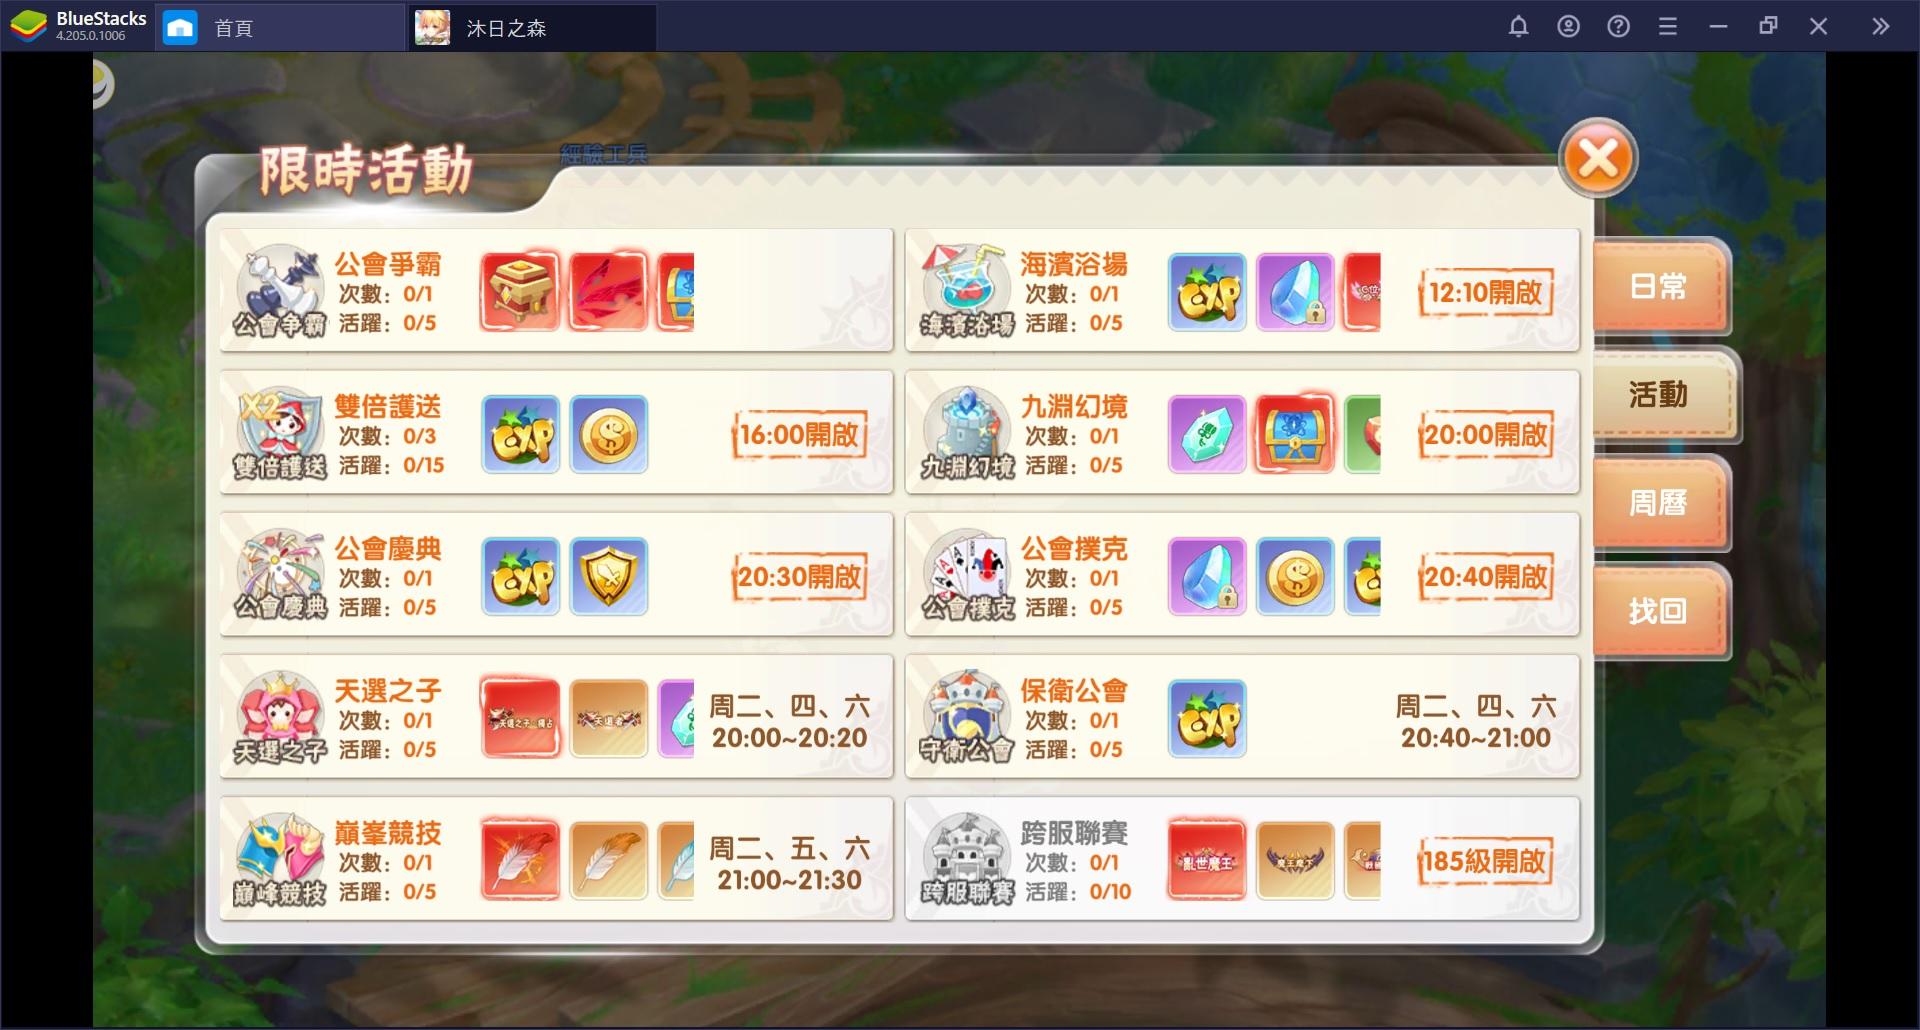 使用BlueStacks在PC上遊玩全新日系MMORPG手遊《沐日之森》